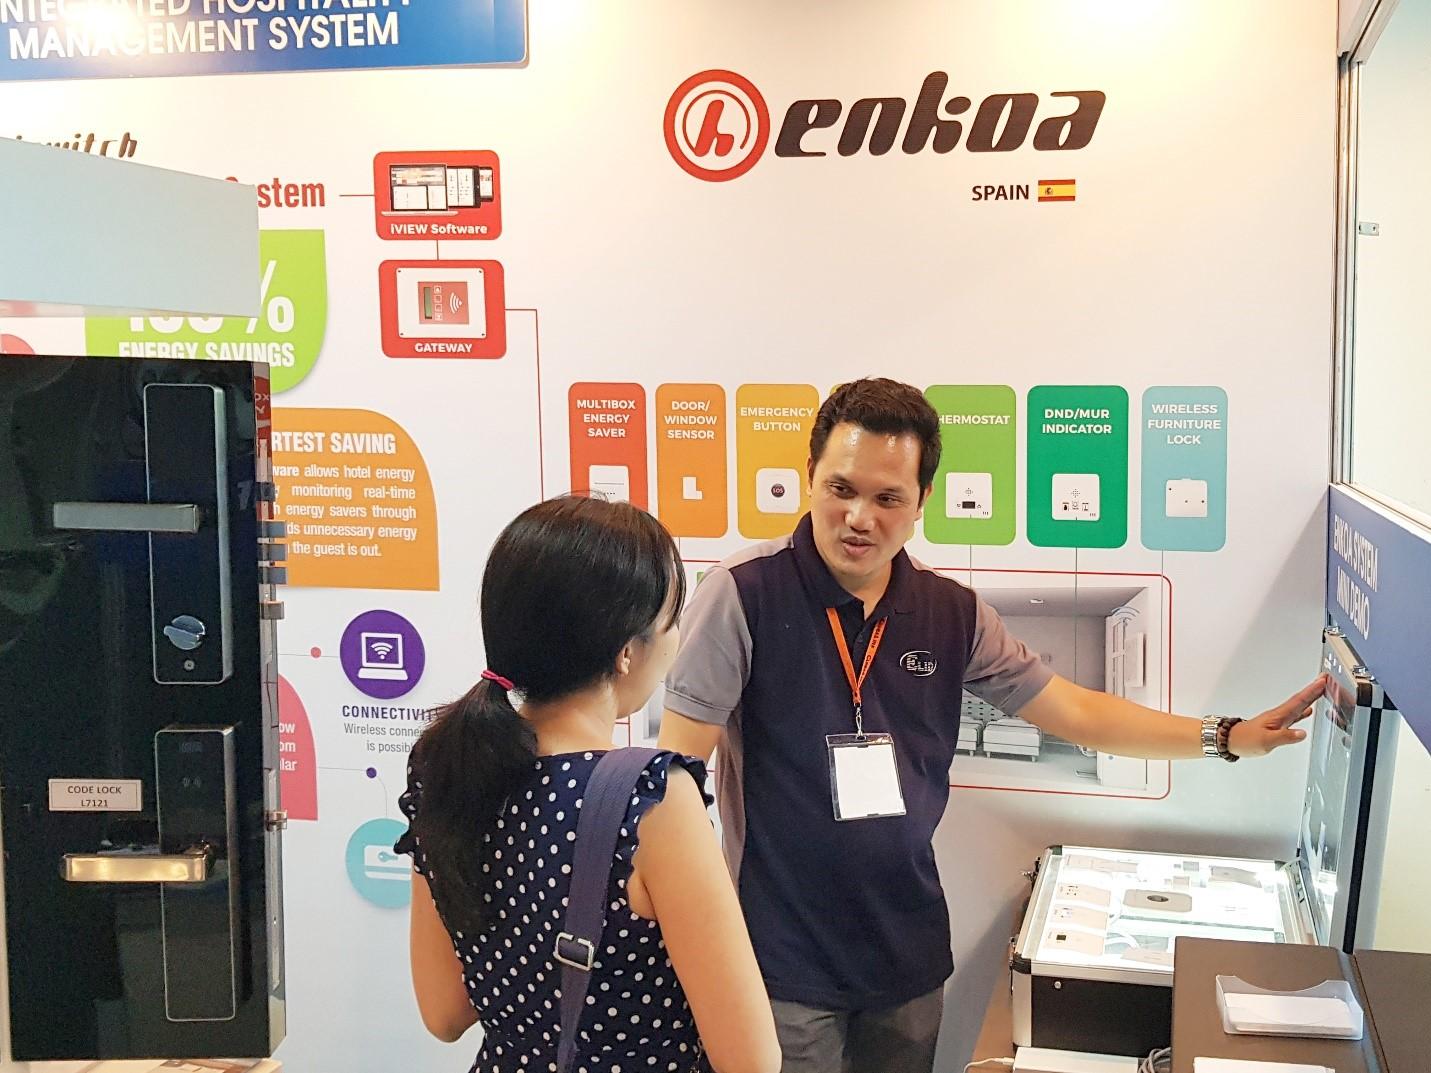 Energy Savings System